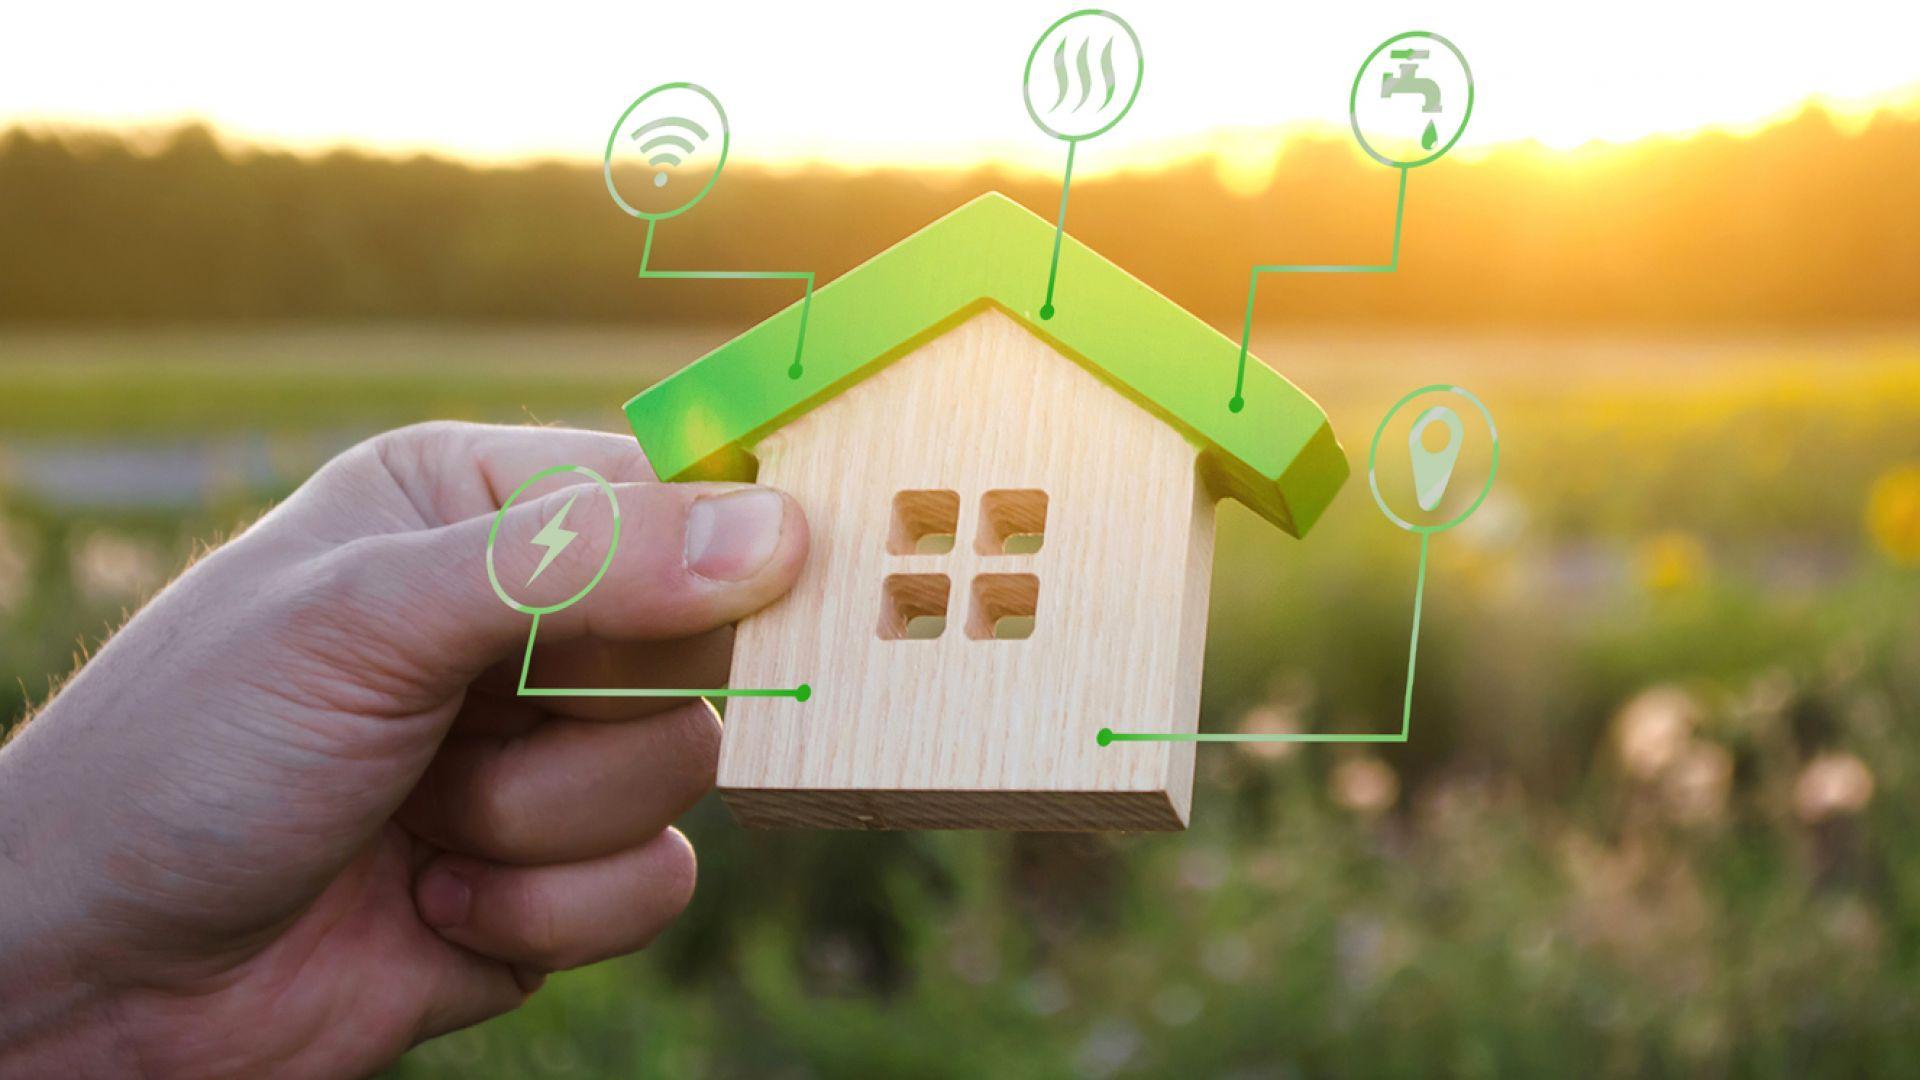 Как да се отопляваме екологично и удобно, без да харчим излишни пари